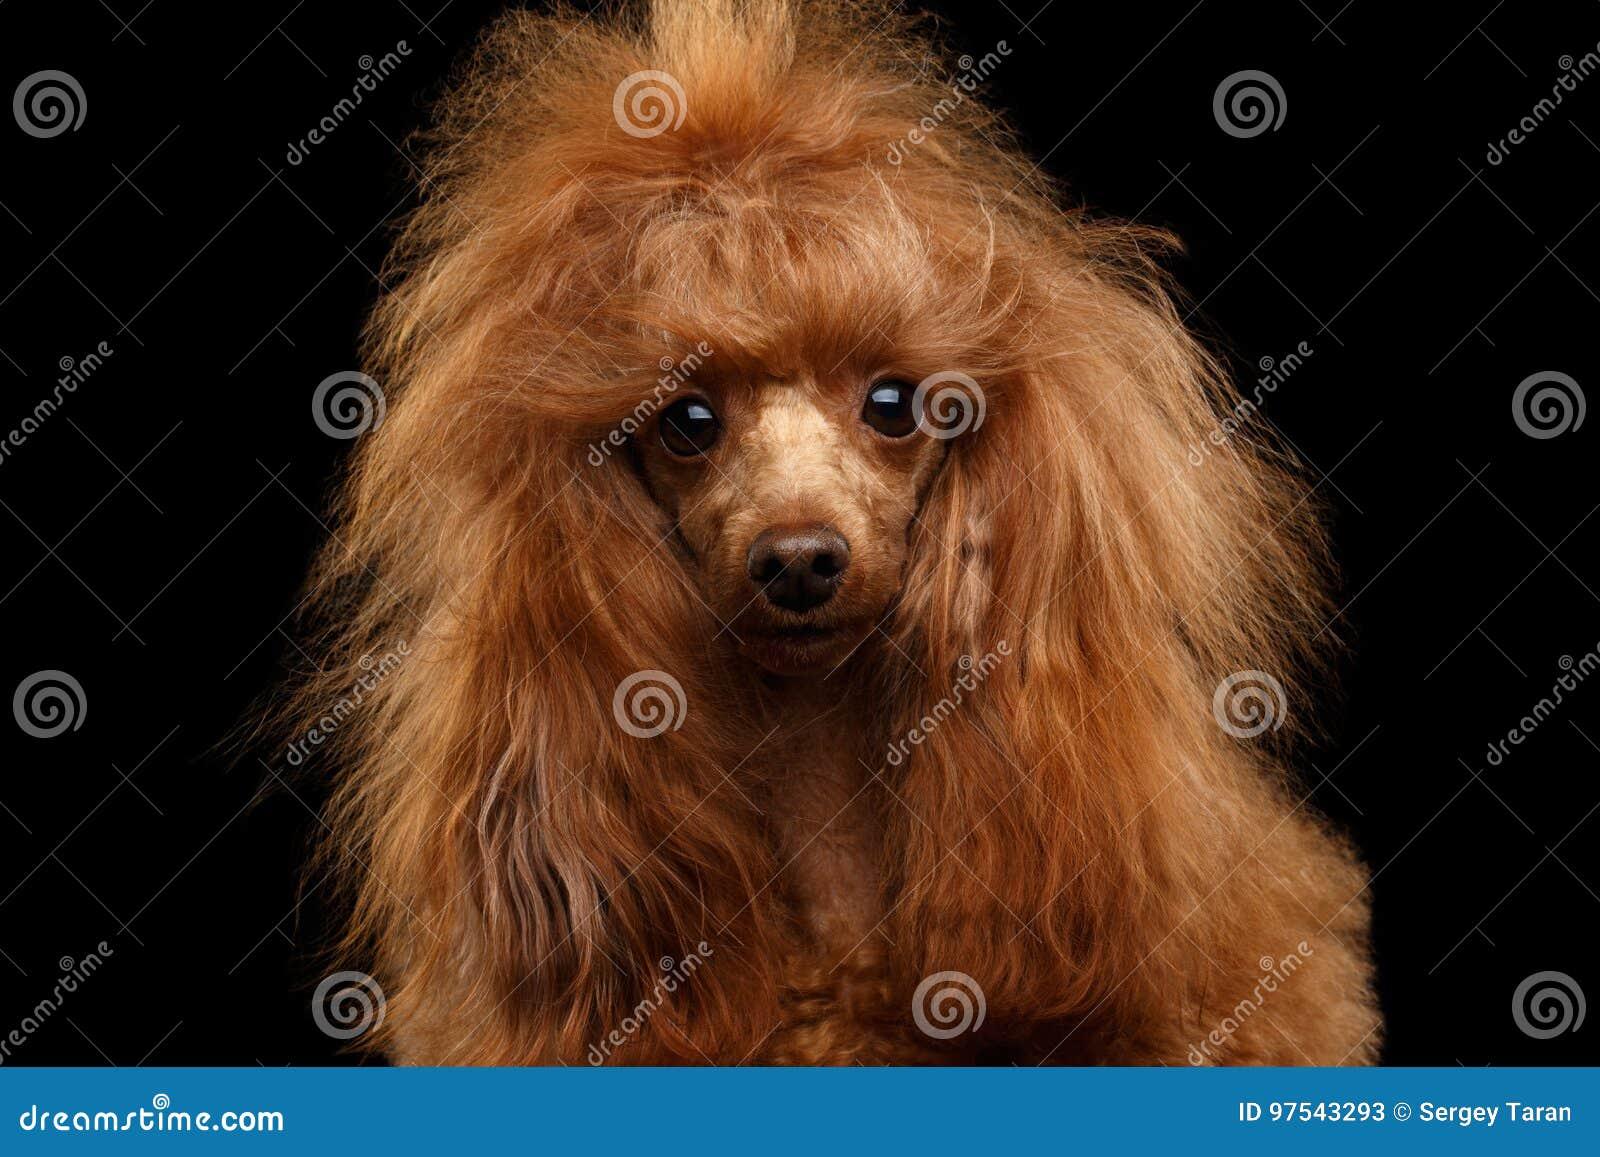 Toy Poodle Dog rosso su fondo nero isolato